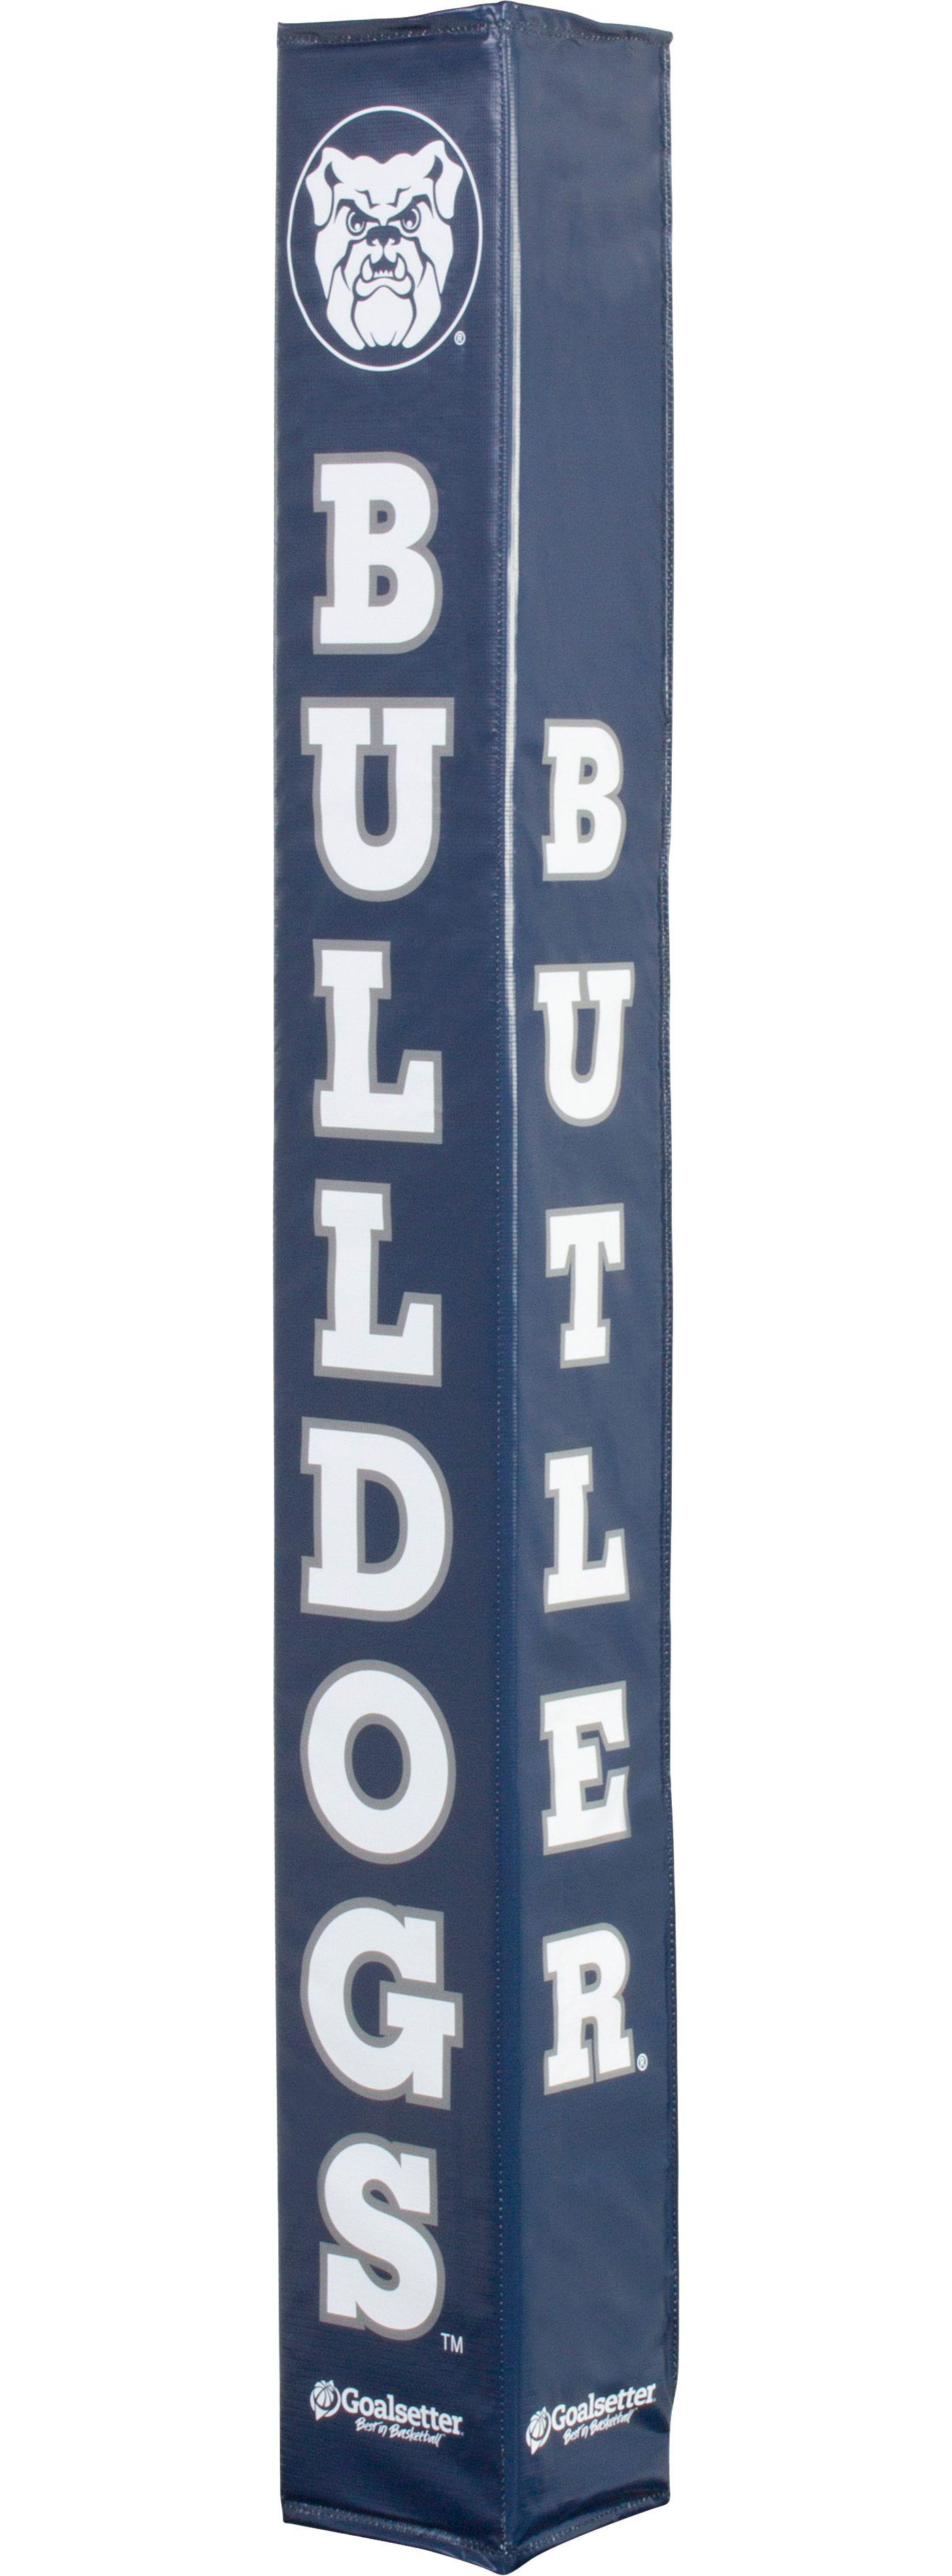 Goalsetter Butler Bulldogs Basketball Pole Pad